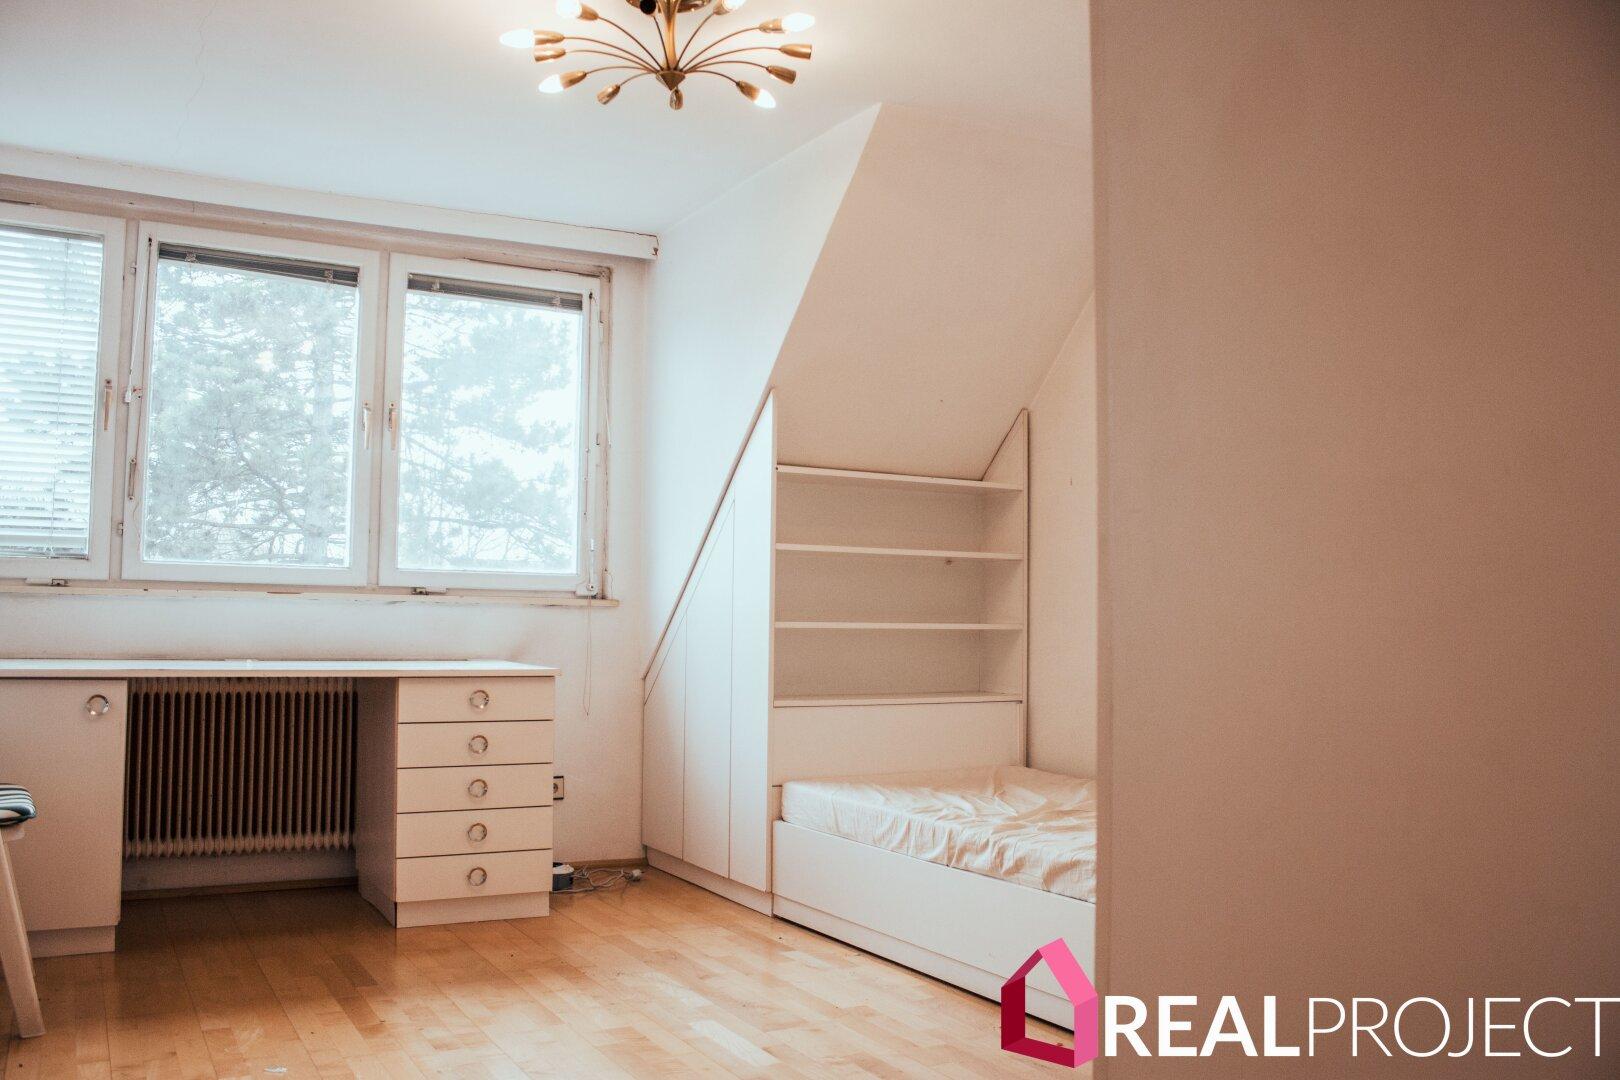 Kabinett/Schlafzimmer No1